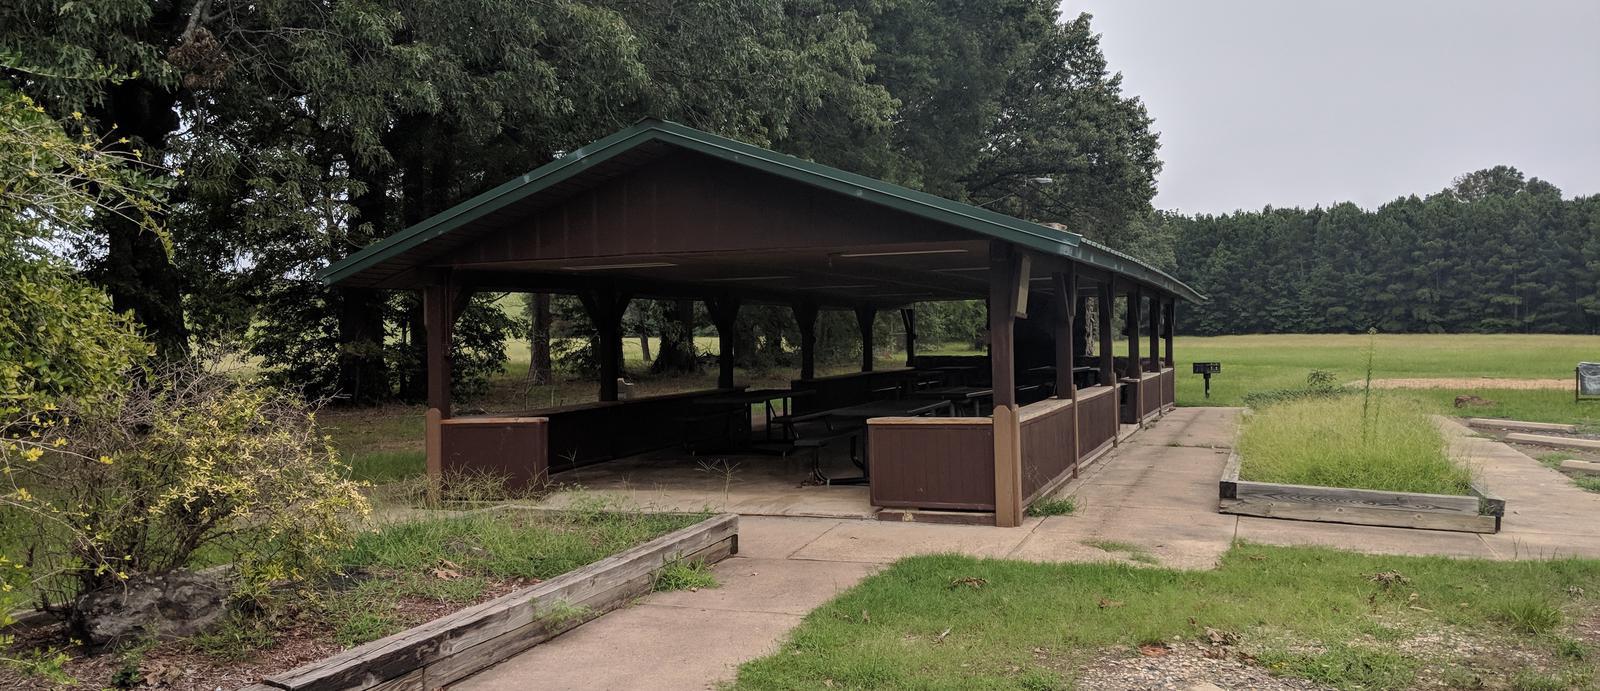 Pavilion at Oak Park.